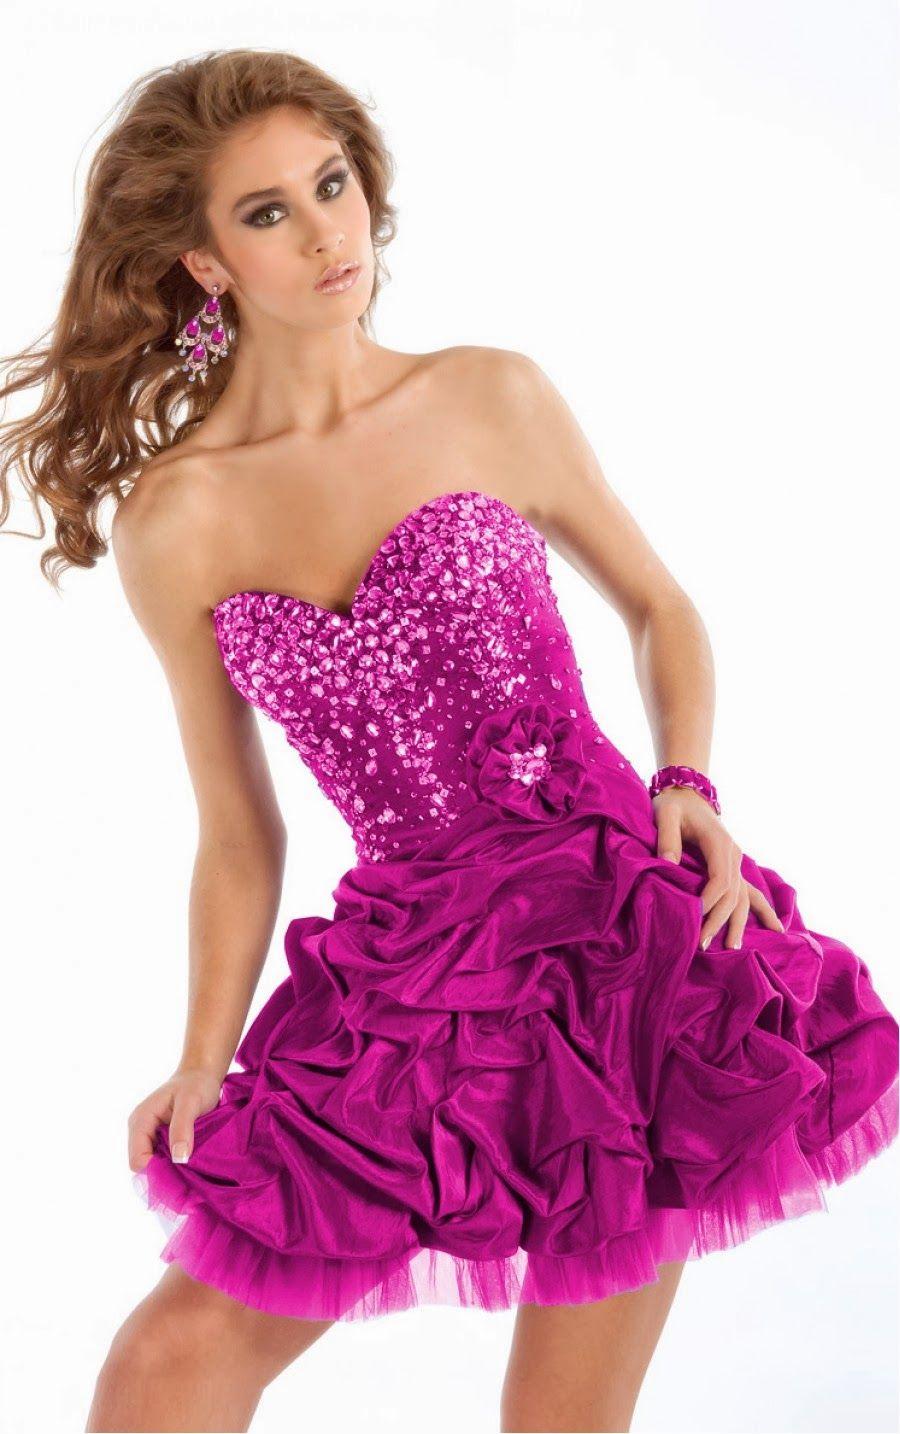 Hermosos vestidos de fiesta 2014 | vestidos cortos | Pinterest ...